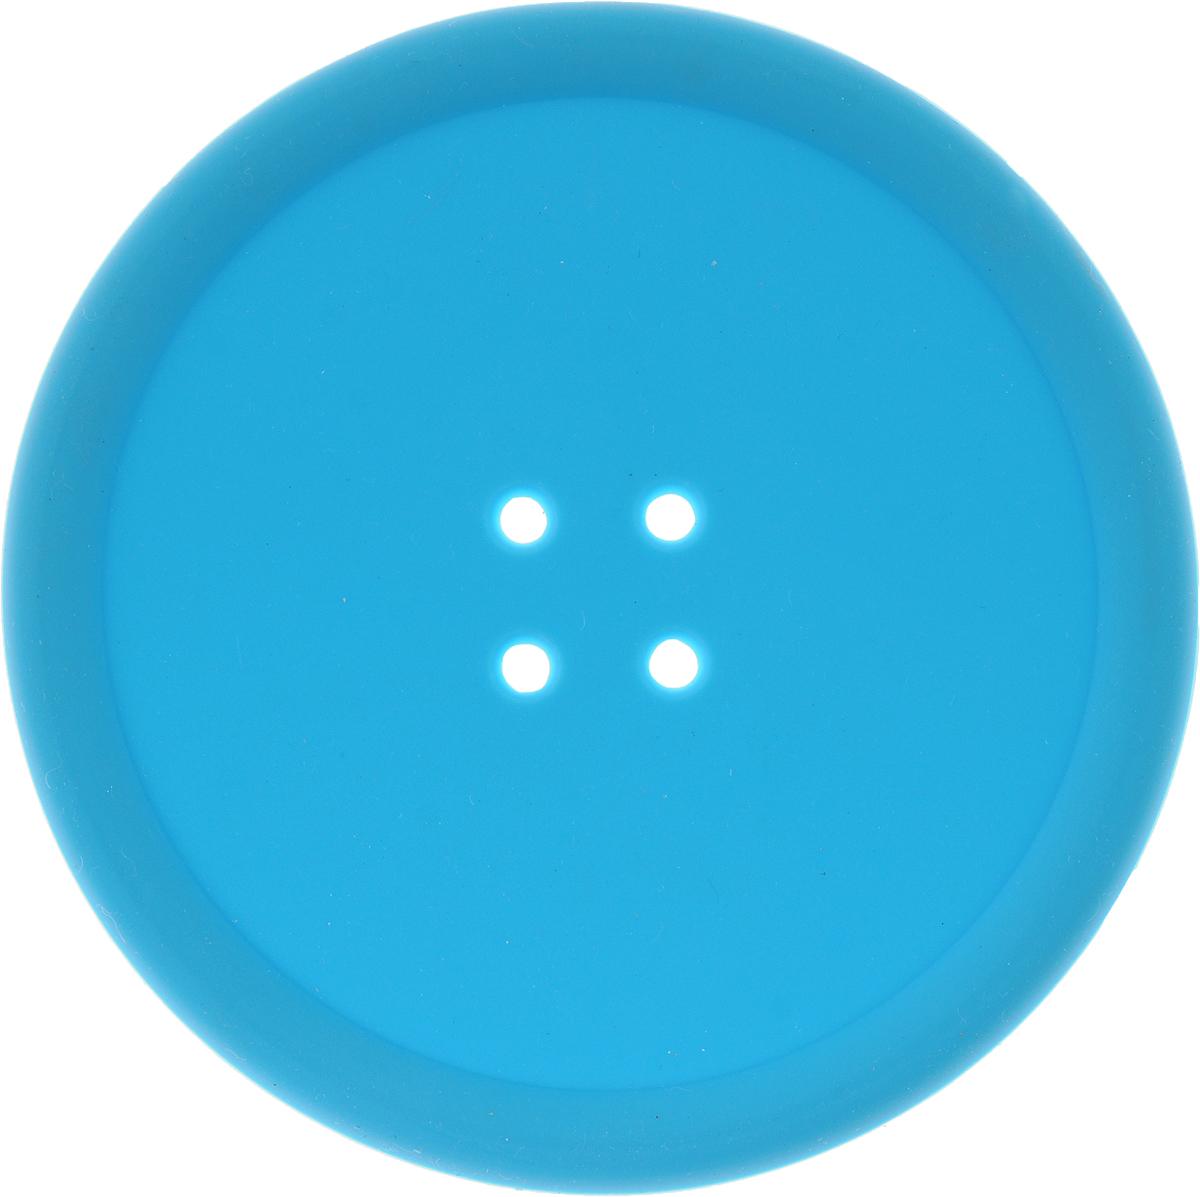 """Подставка термостойкая Marmiton """"Пуговка"""", цвет: голубой, диаметр 10 см"""